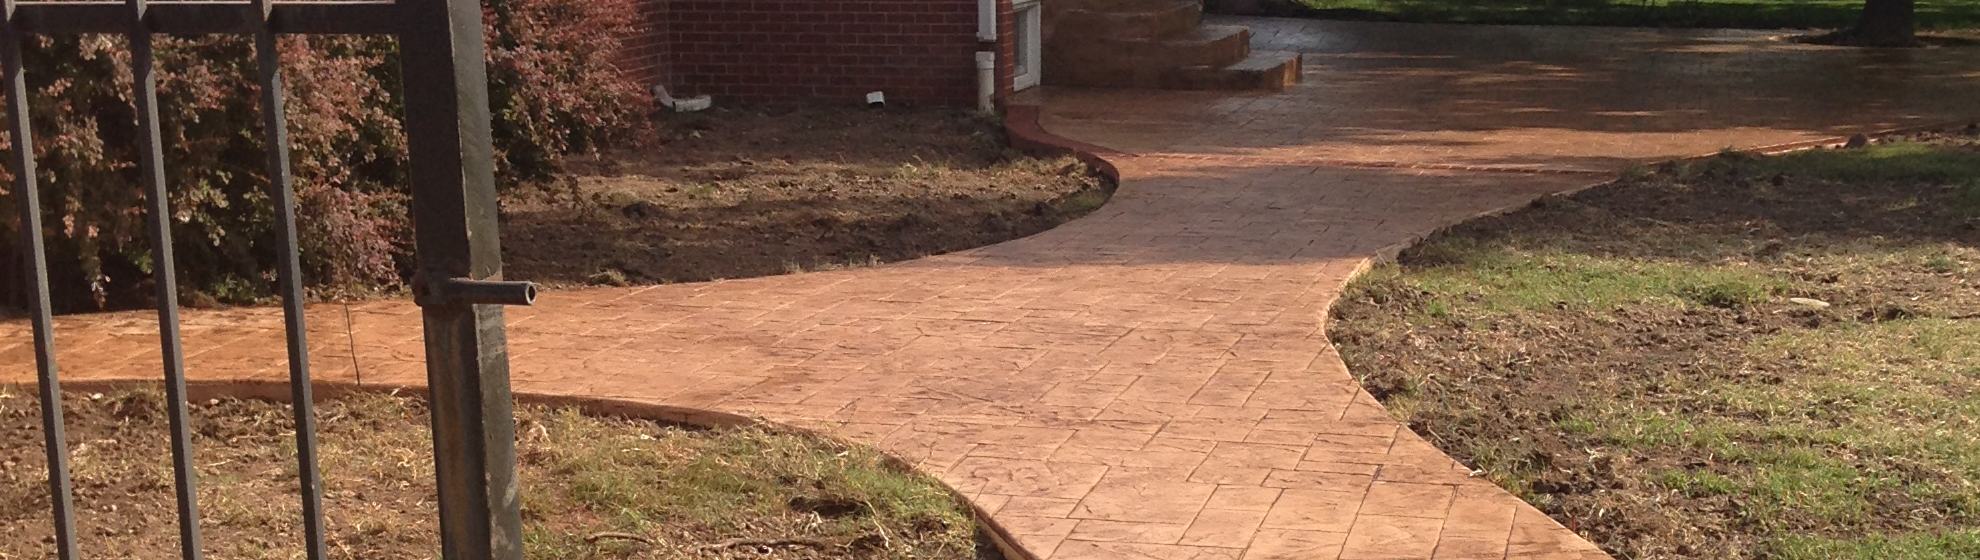 sidewalks1